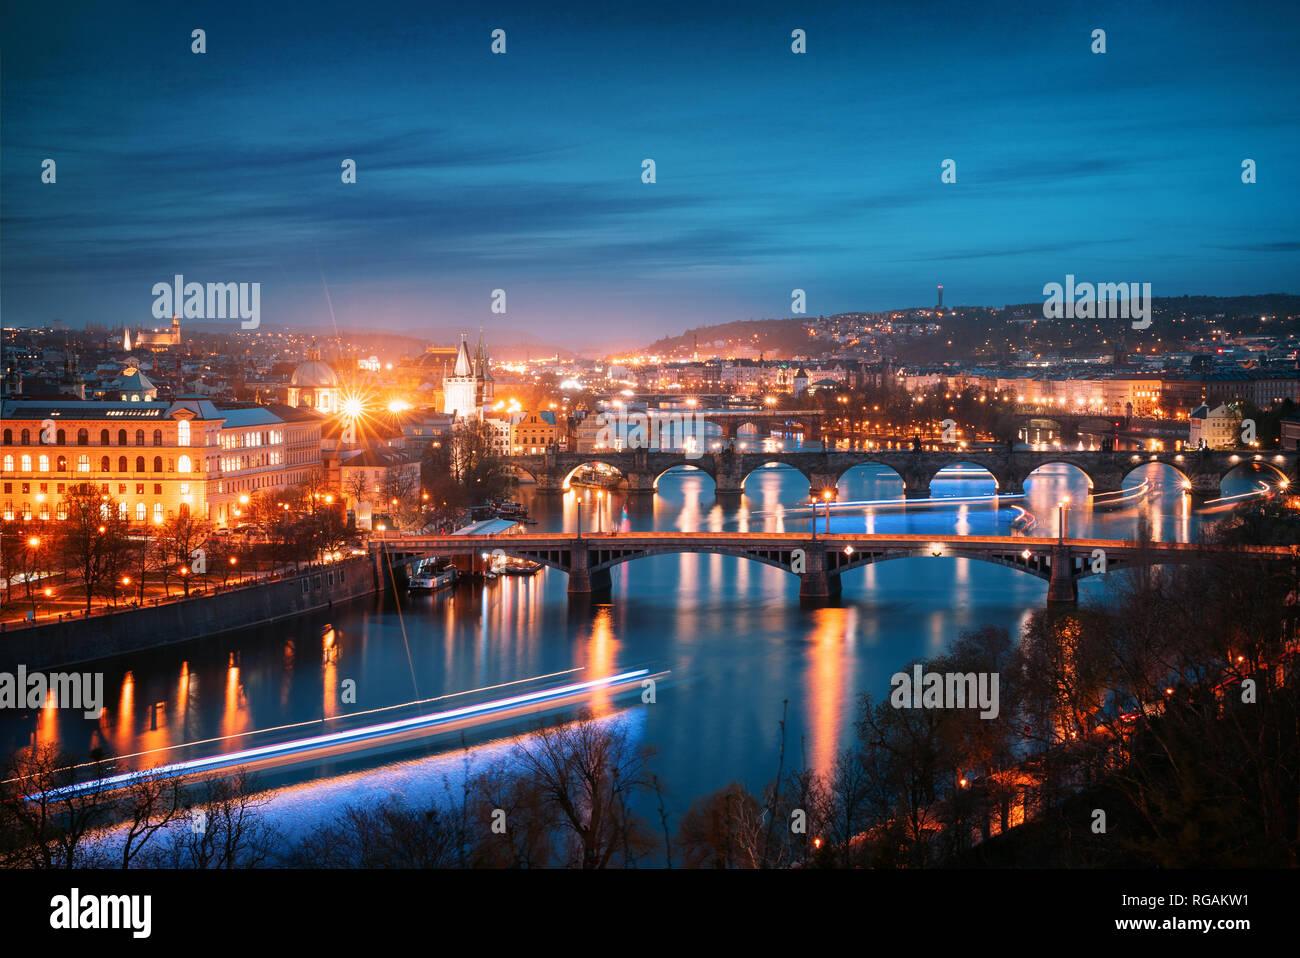 Prague cityscape at night. Vue aérienne du pont sur la Vltava Photo Stock